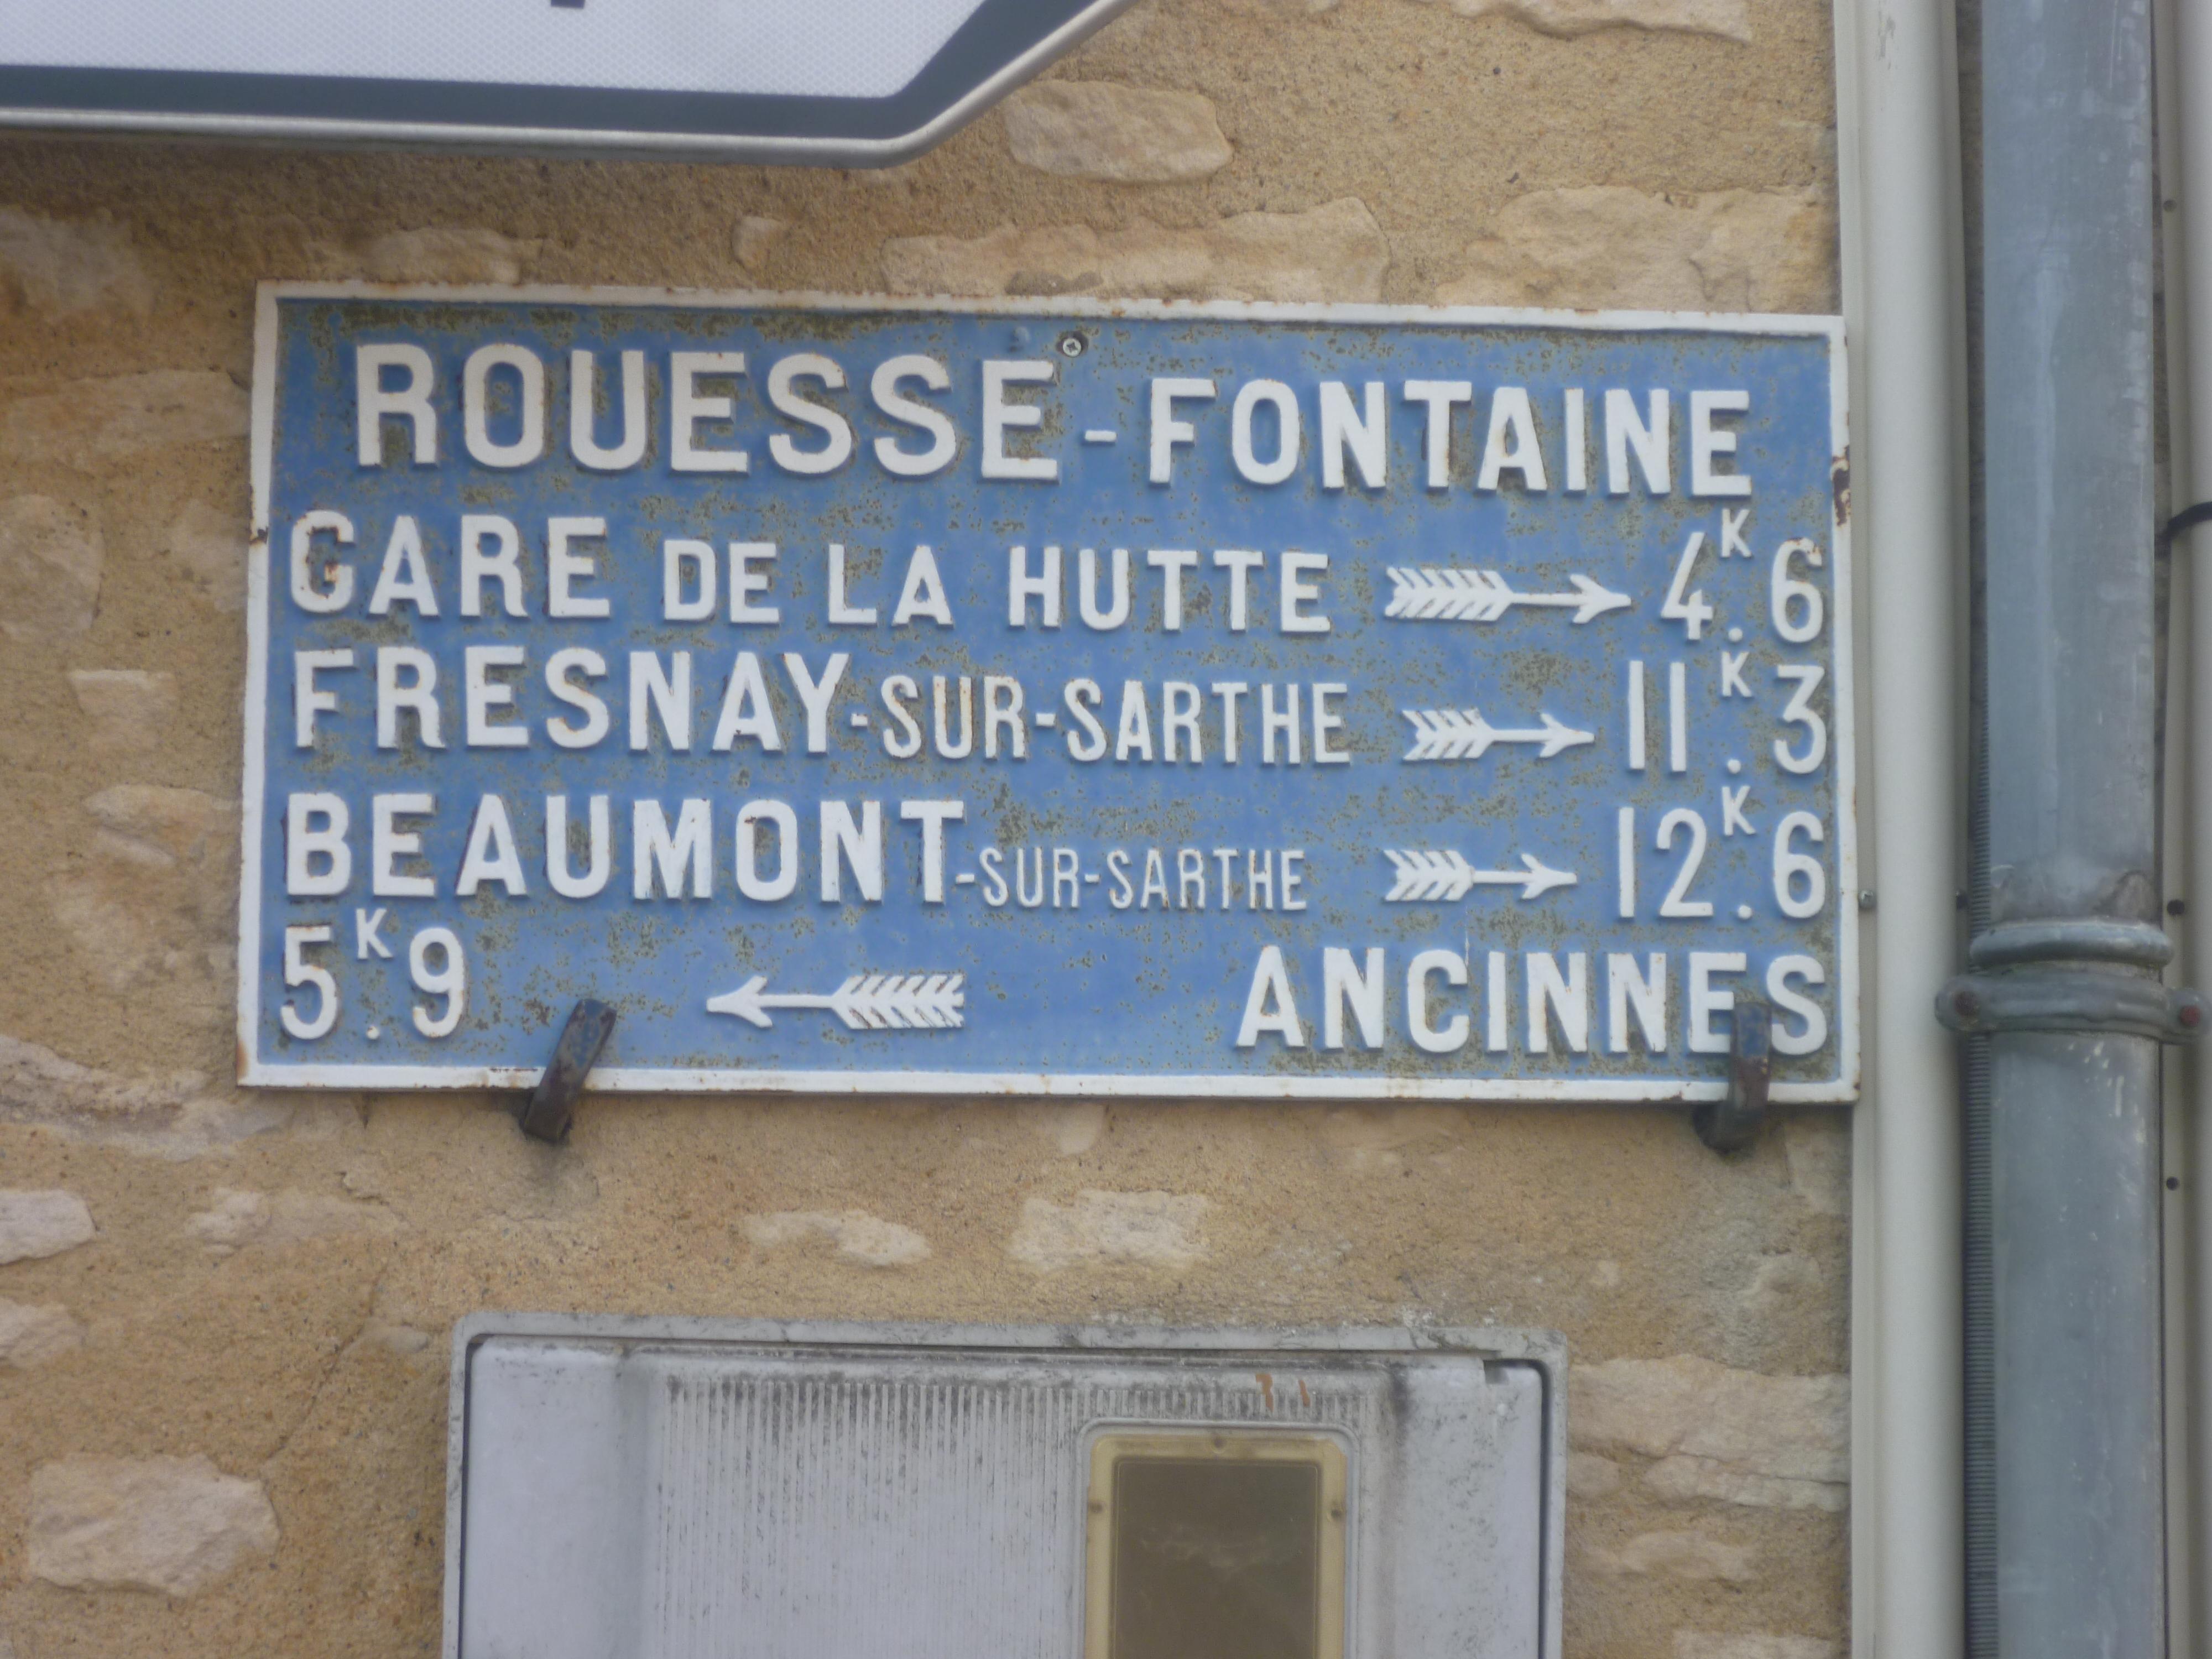 Rouessé Fontaine - Plaque de cocher - Gare de La Hutte - Fresnay sur Sarthe - Beaumont sur Sarthe - Ancinnes (Gwéna Tireau)